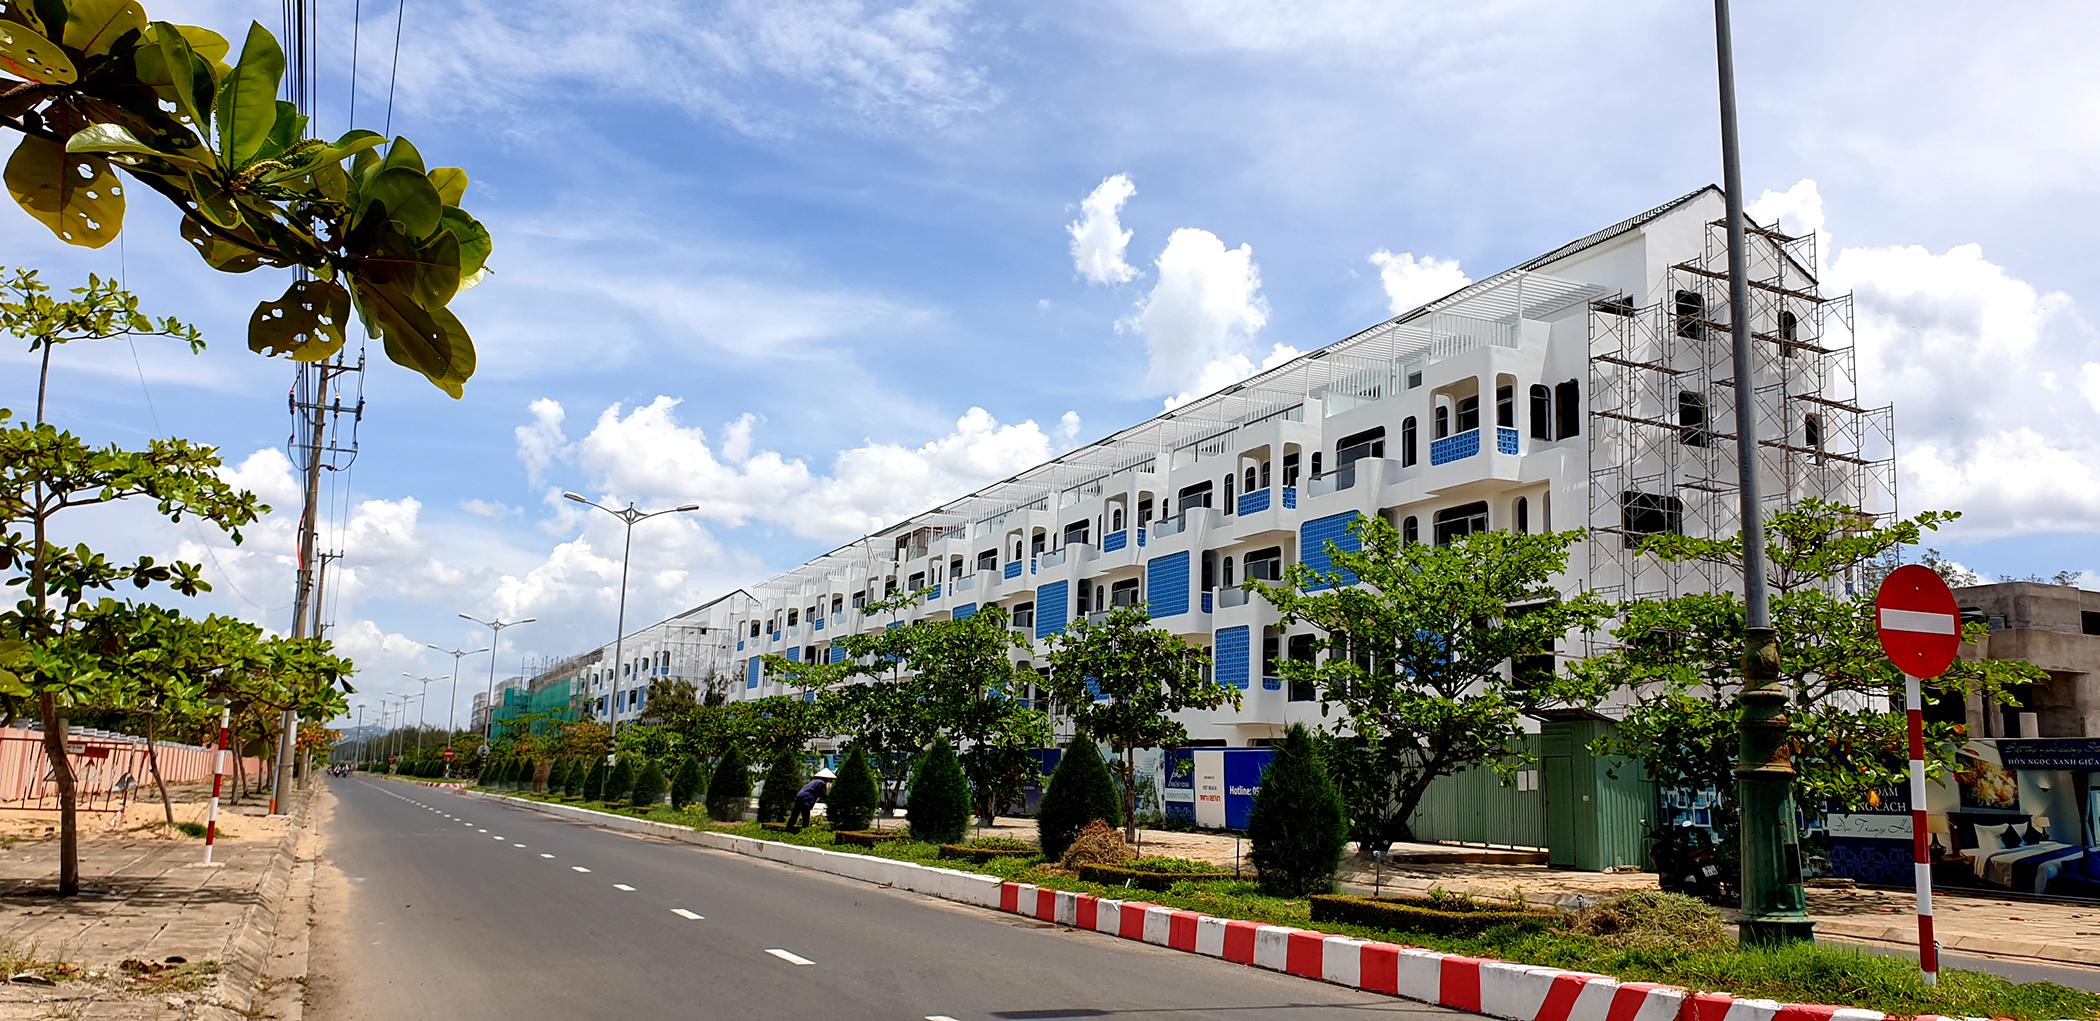 Thu ngân sách từ bất động sản ở Phú Yên gặp khó